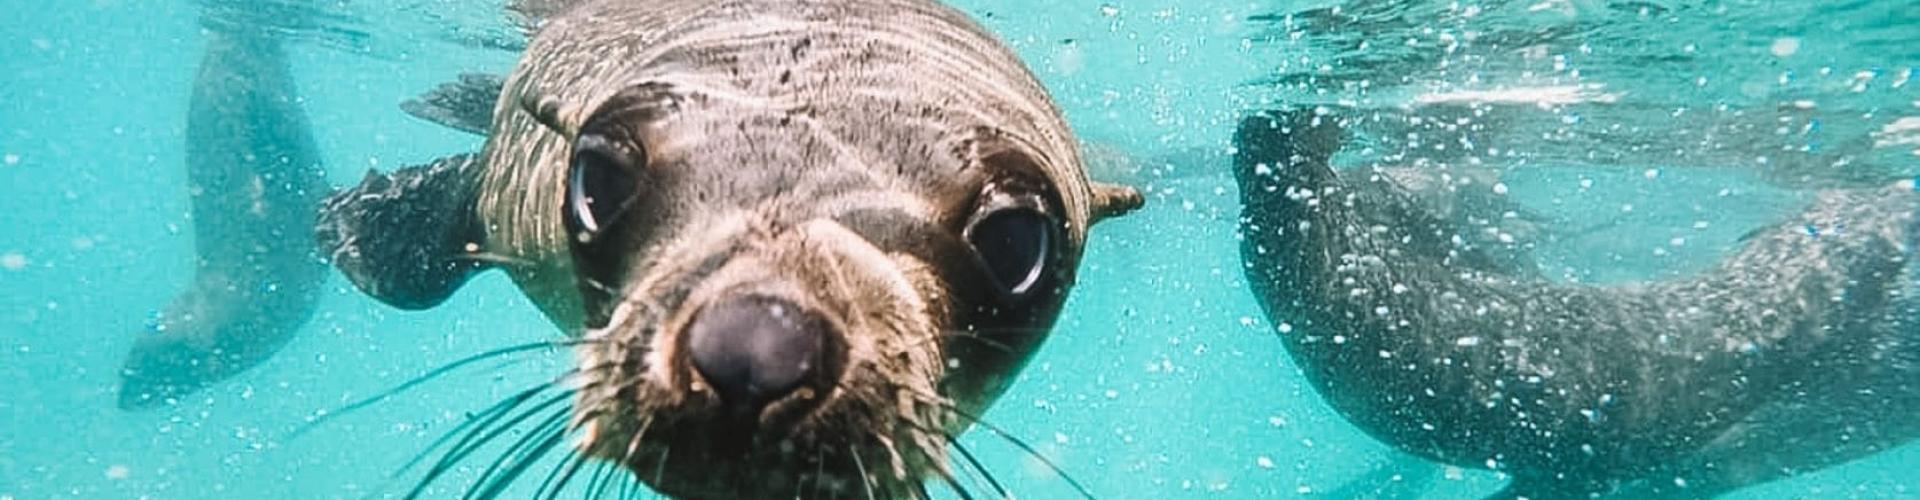 snorkelen-in-zuid-afrika-met-zeehonden